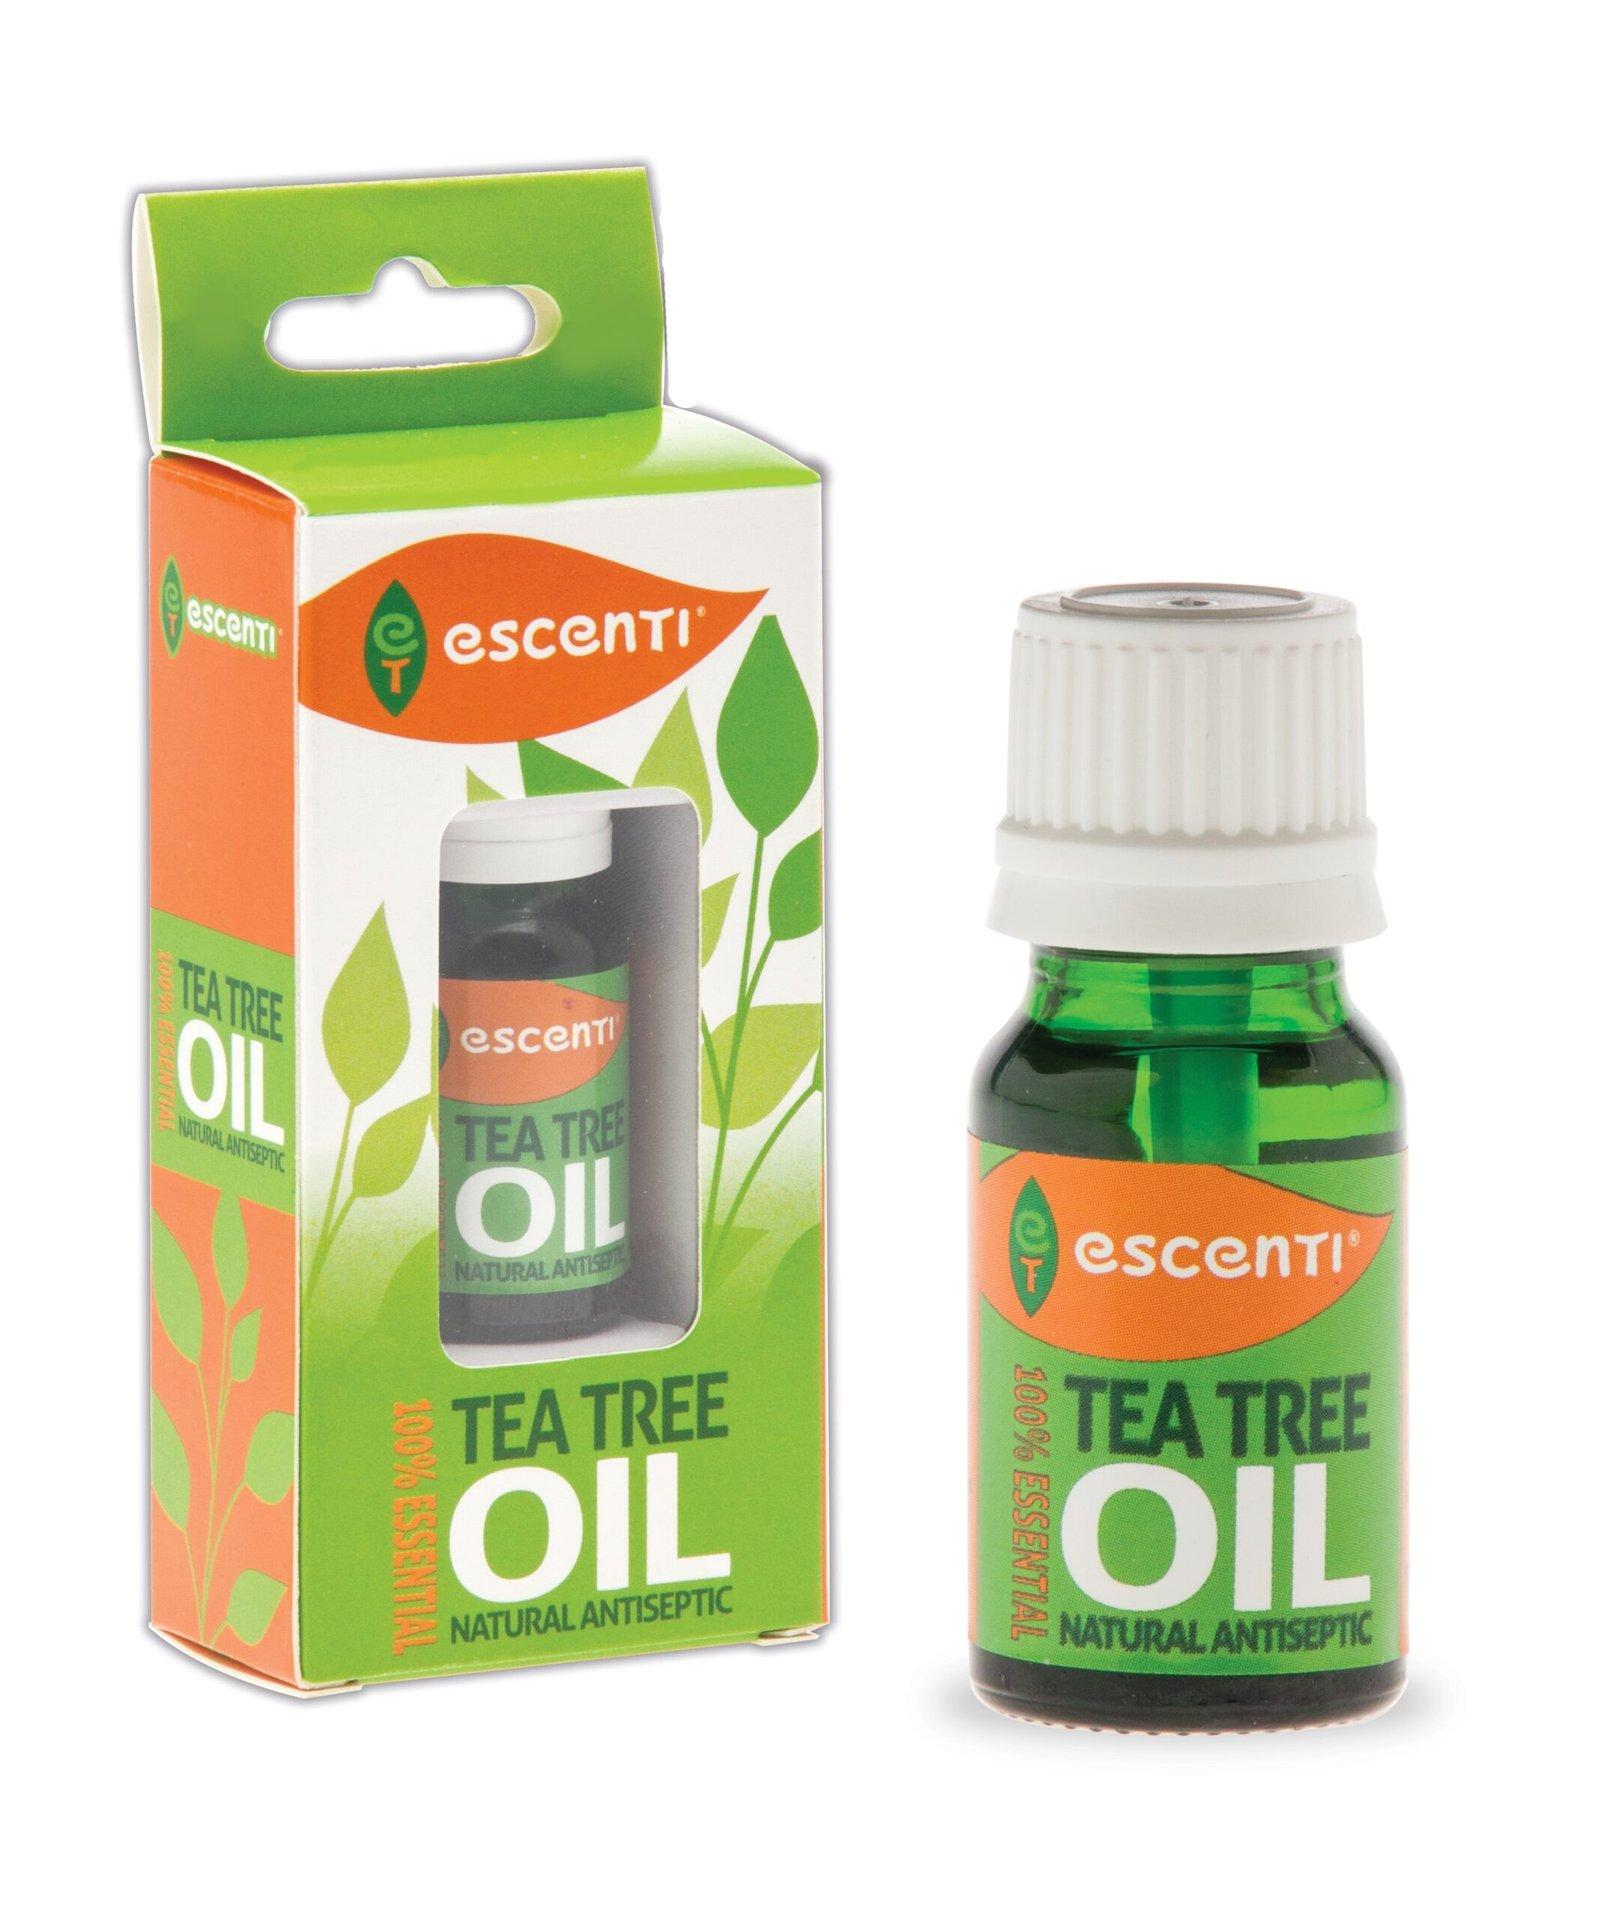 ESCENTI TEA TREE OIL 10ML